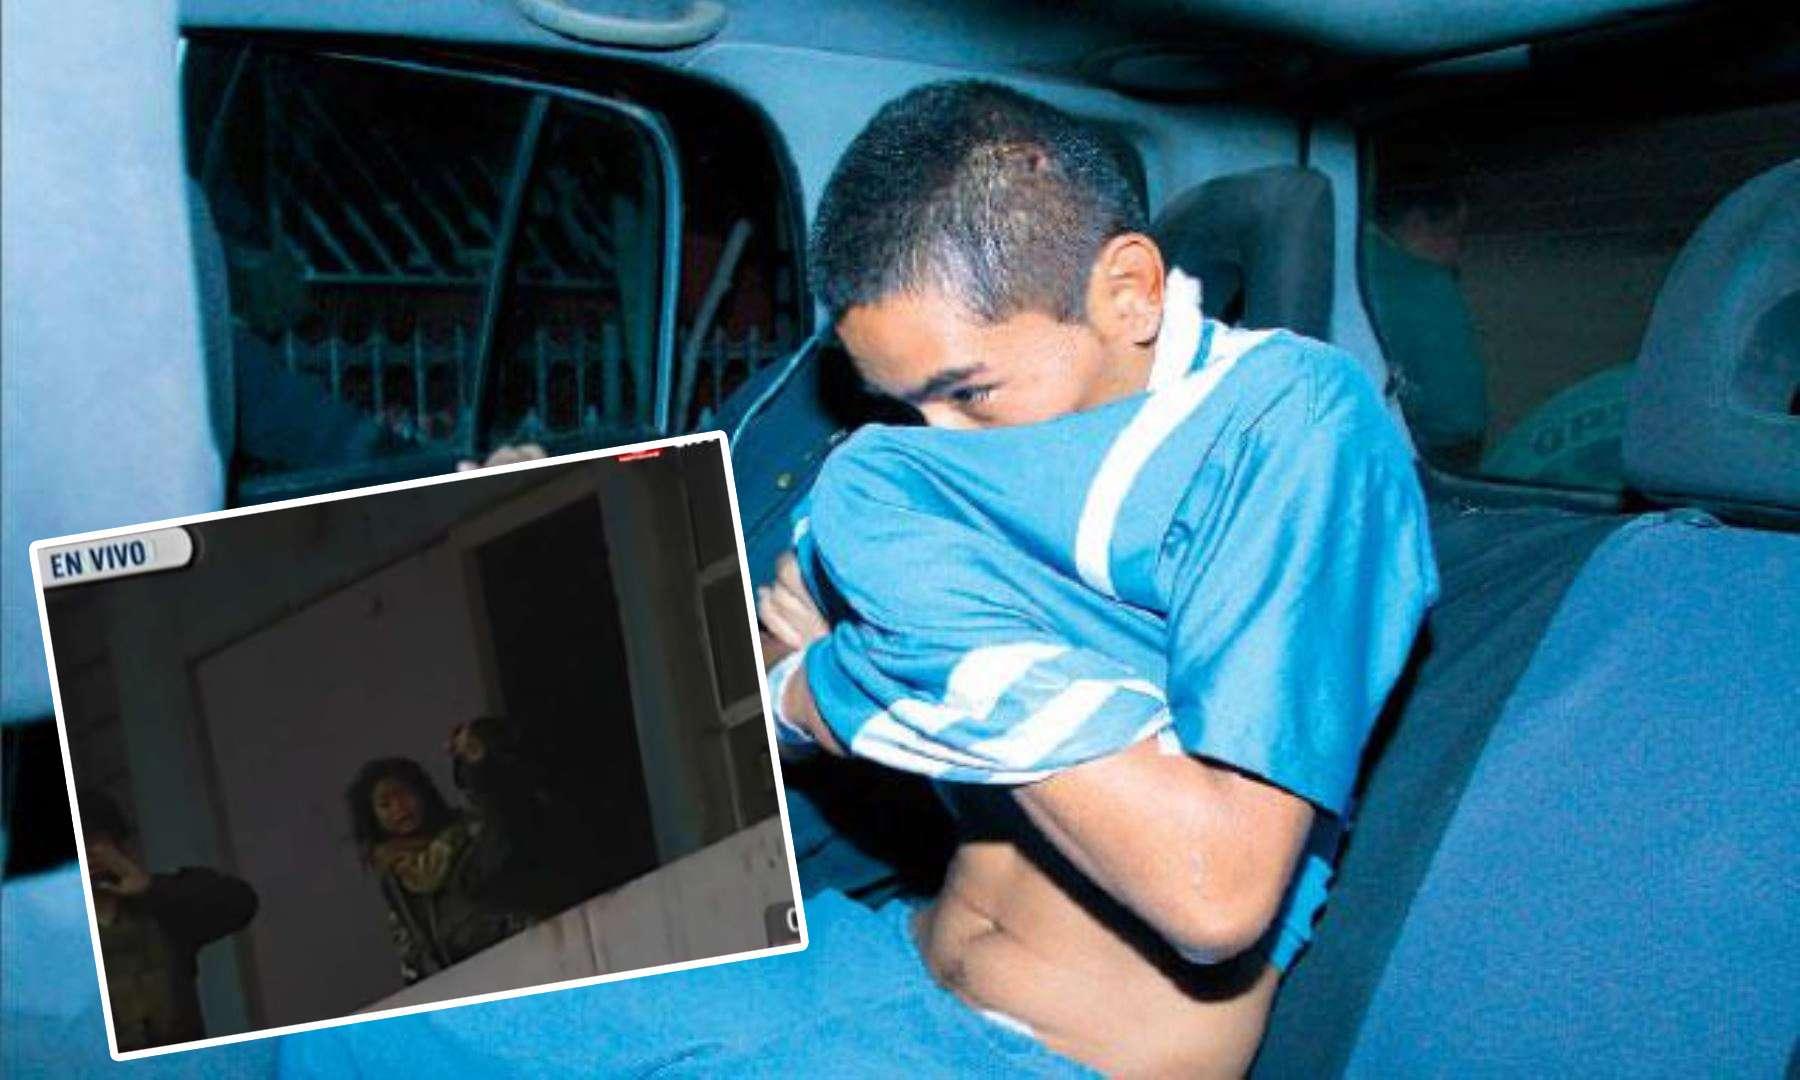 Alexander Huayta Ventura asesinó el lunes a una mujer delante de sus hijos en San Juan de Miraflores. Foto: Andina